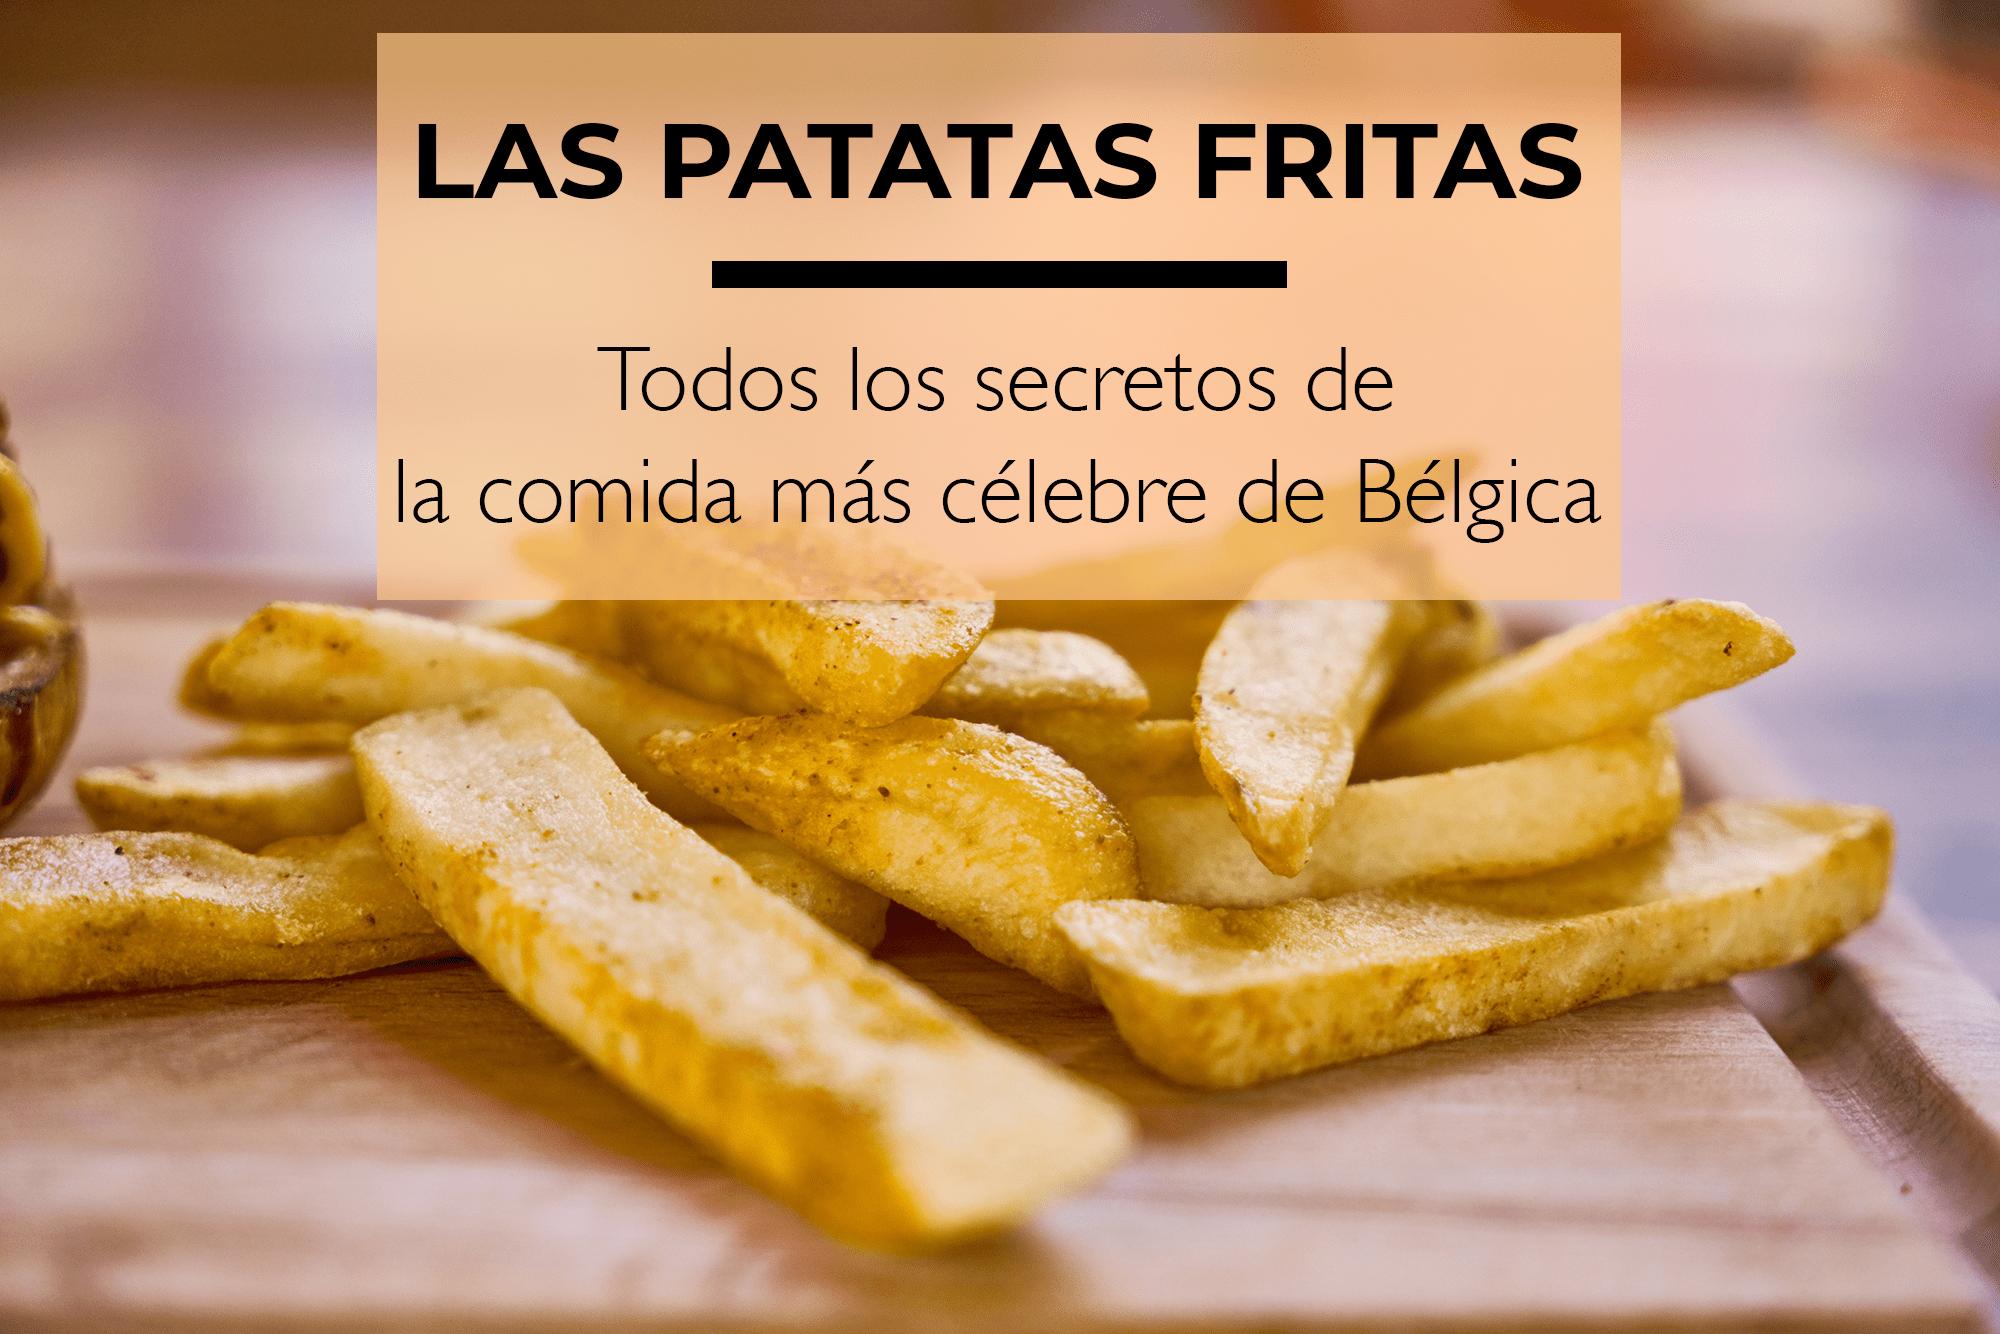 Todos los secretos de las patatas fritas